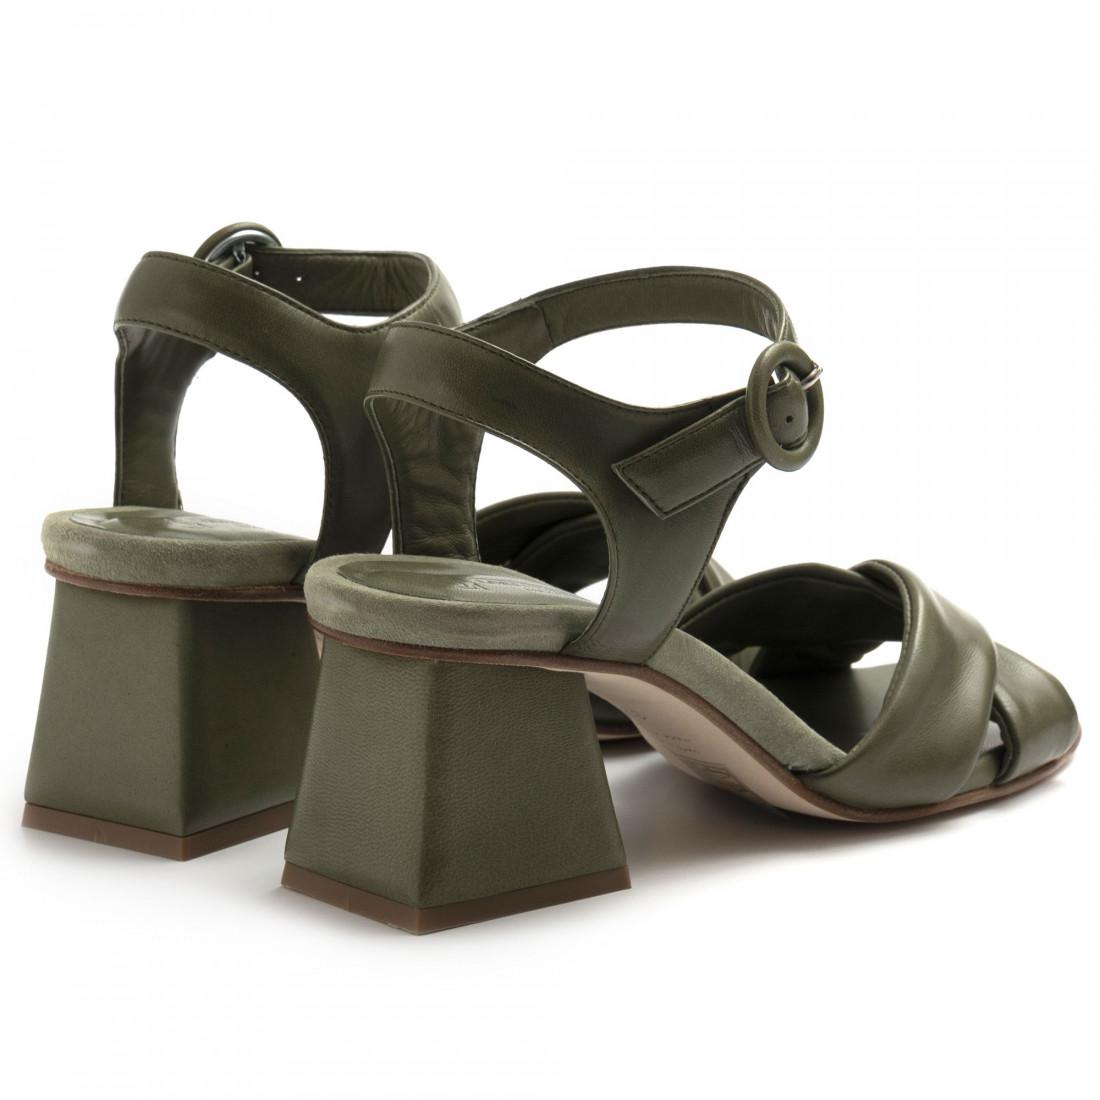 sandals woman lorenzo masiero 21111nappa salvia 8244